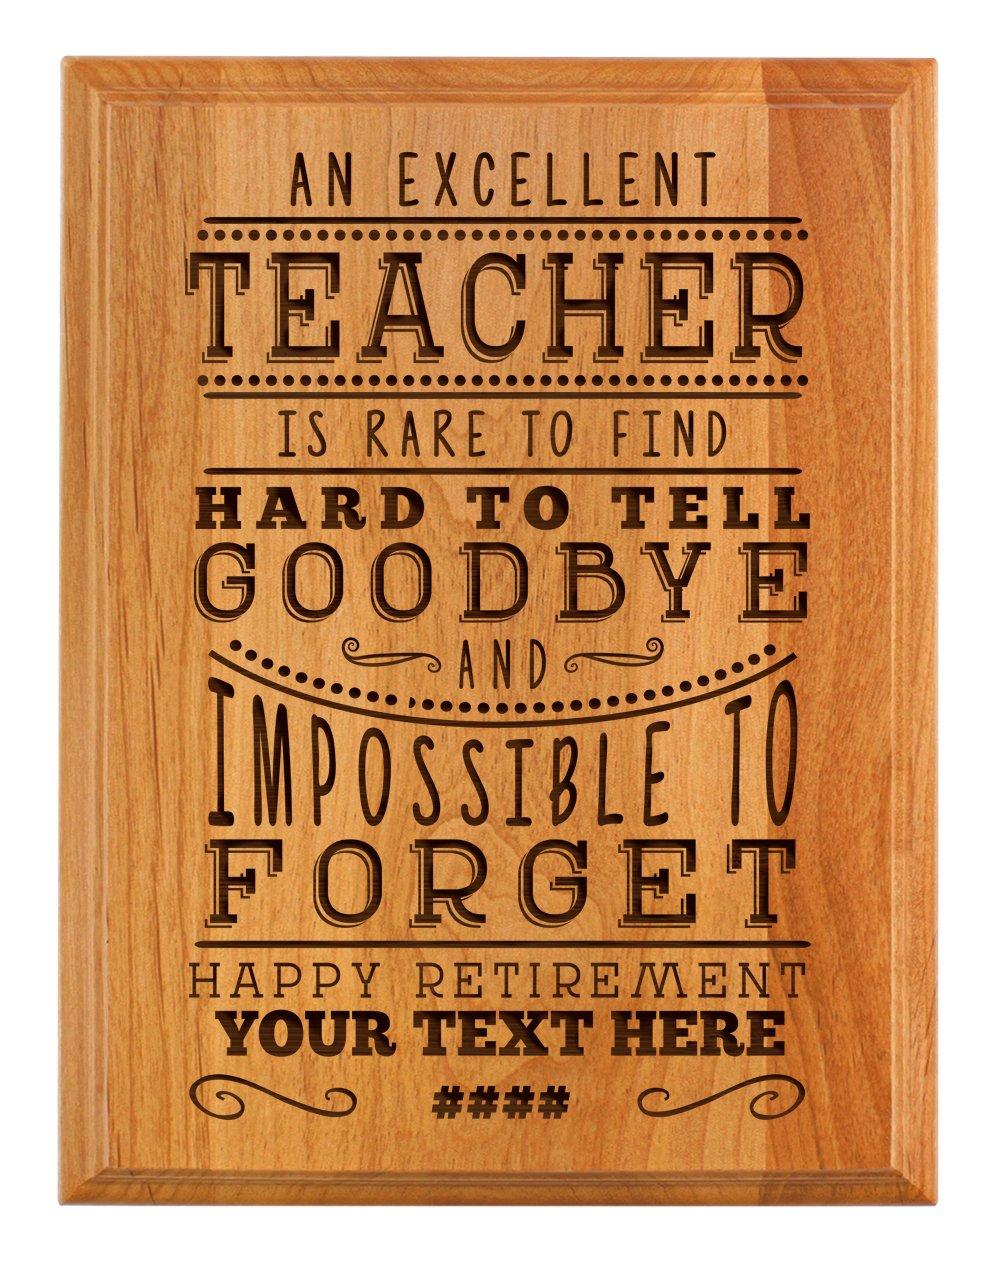 Personalized Retirement Plaque Excellent Teacher Retirement Gifts Women Teacher Retirement Party 7x9 Oak Wood Custom Engraved Plaque Wood